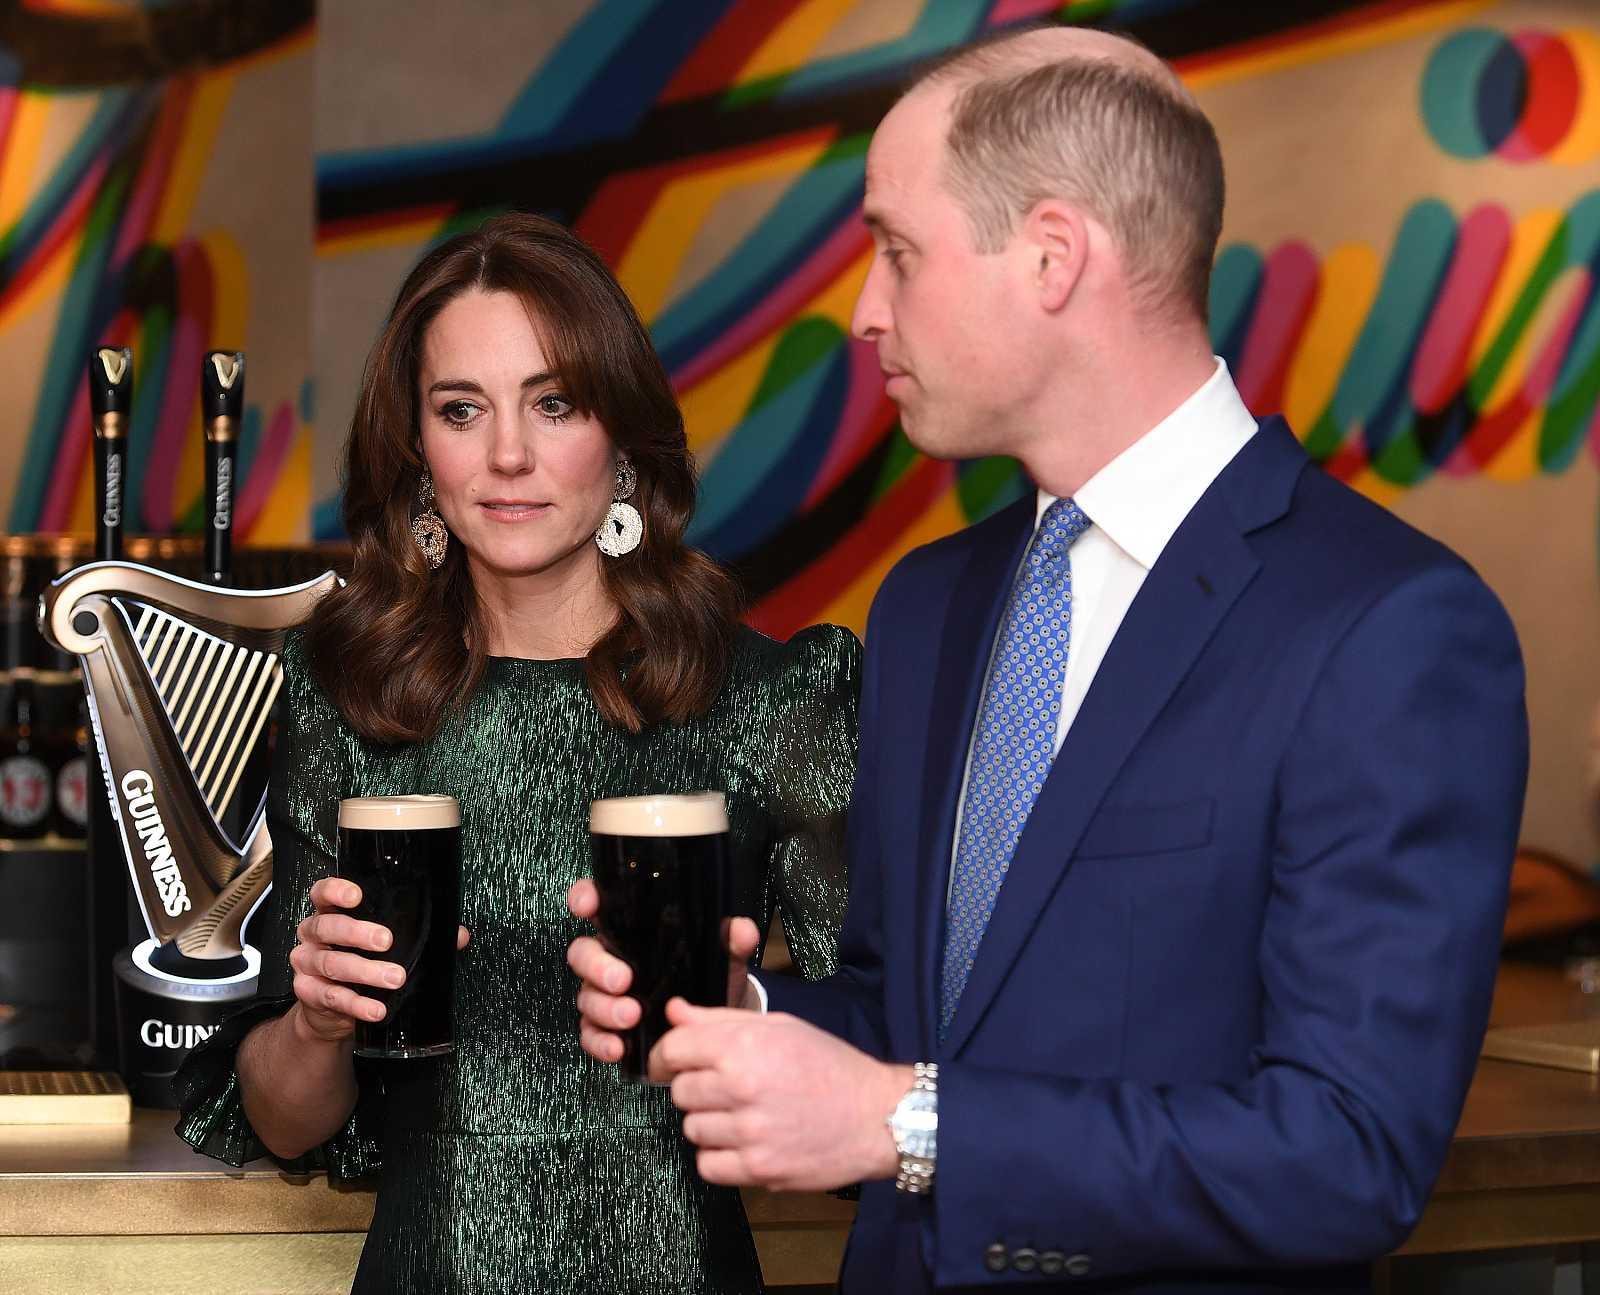 El príncipe Guillermo y Kate Middleton, duques de Cambrigde en la recepción en el Guinness Storehouse en Dublín, Irlanda